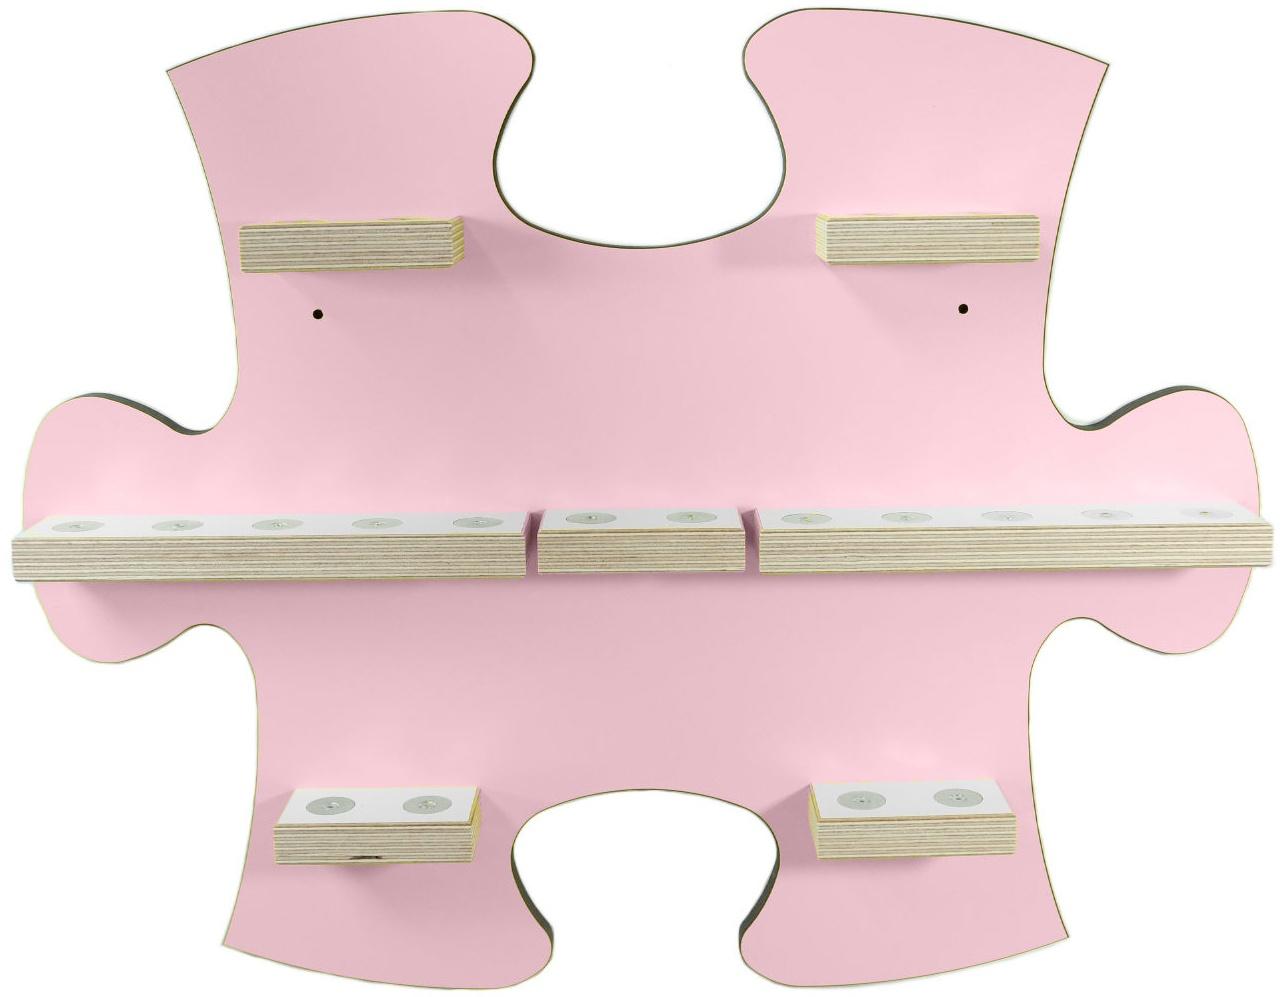 Schreinerei Linden 'Puzzle B' Tonie Regal ohne Ladestation, rosa Bild 1